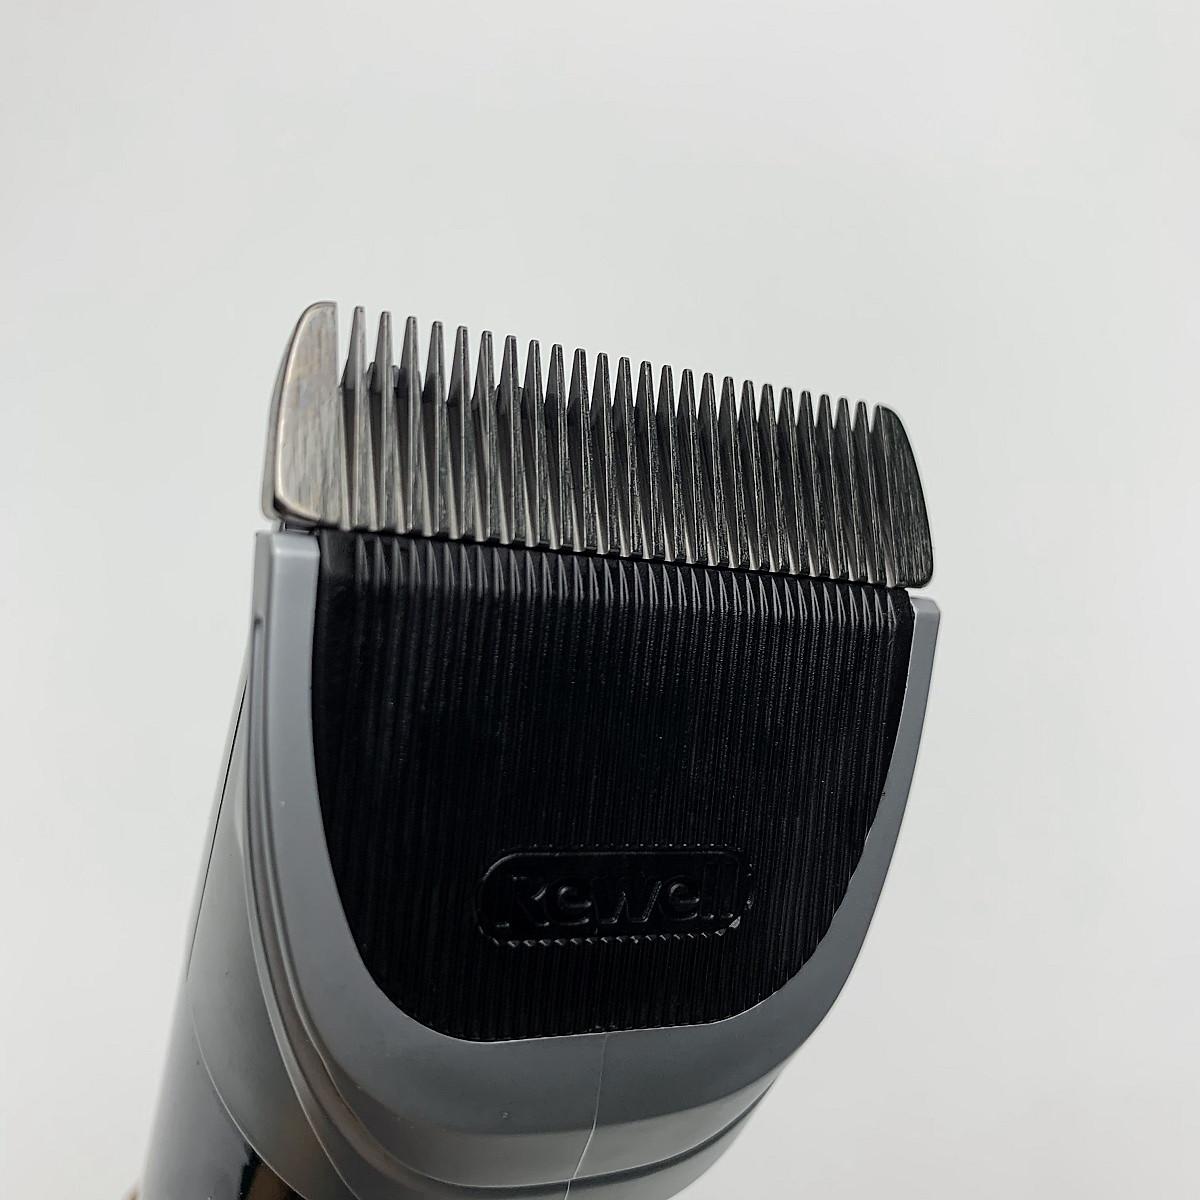 Tông đơ cắt tóc chuyên nghiệp - Tông đơ chạy pin - Tông đơ cắt tóc Rewell S7  pin 2500mAh, lưỡi cắt titanium sắc nét   Vĩnh Khang